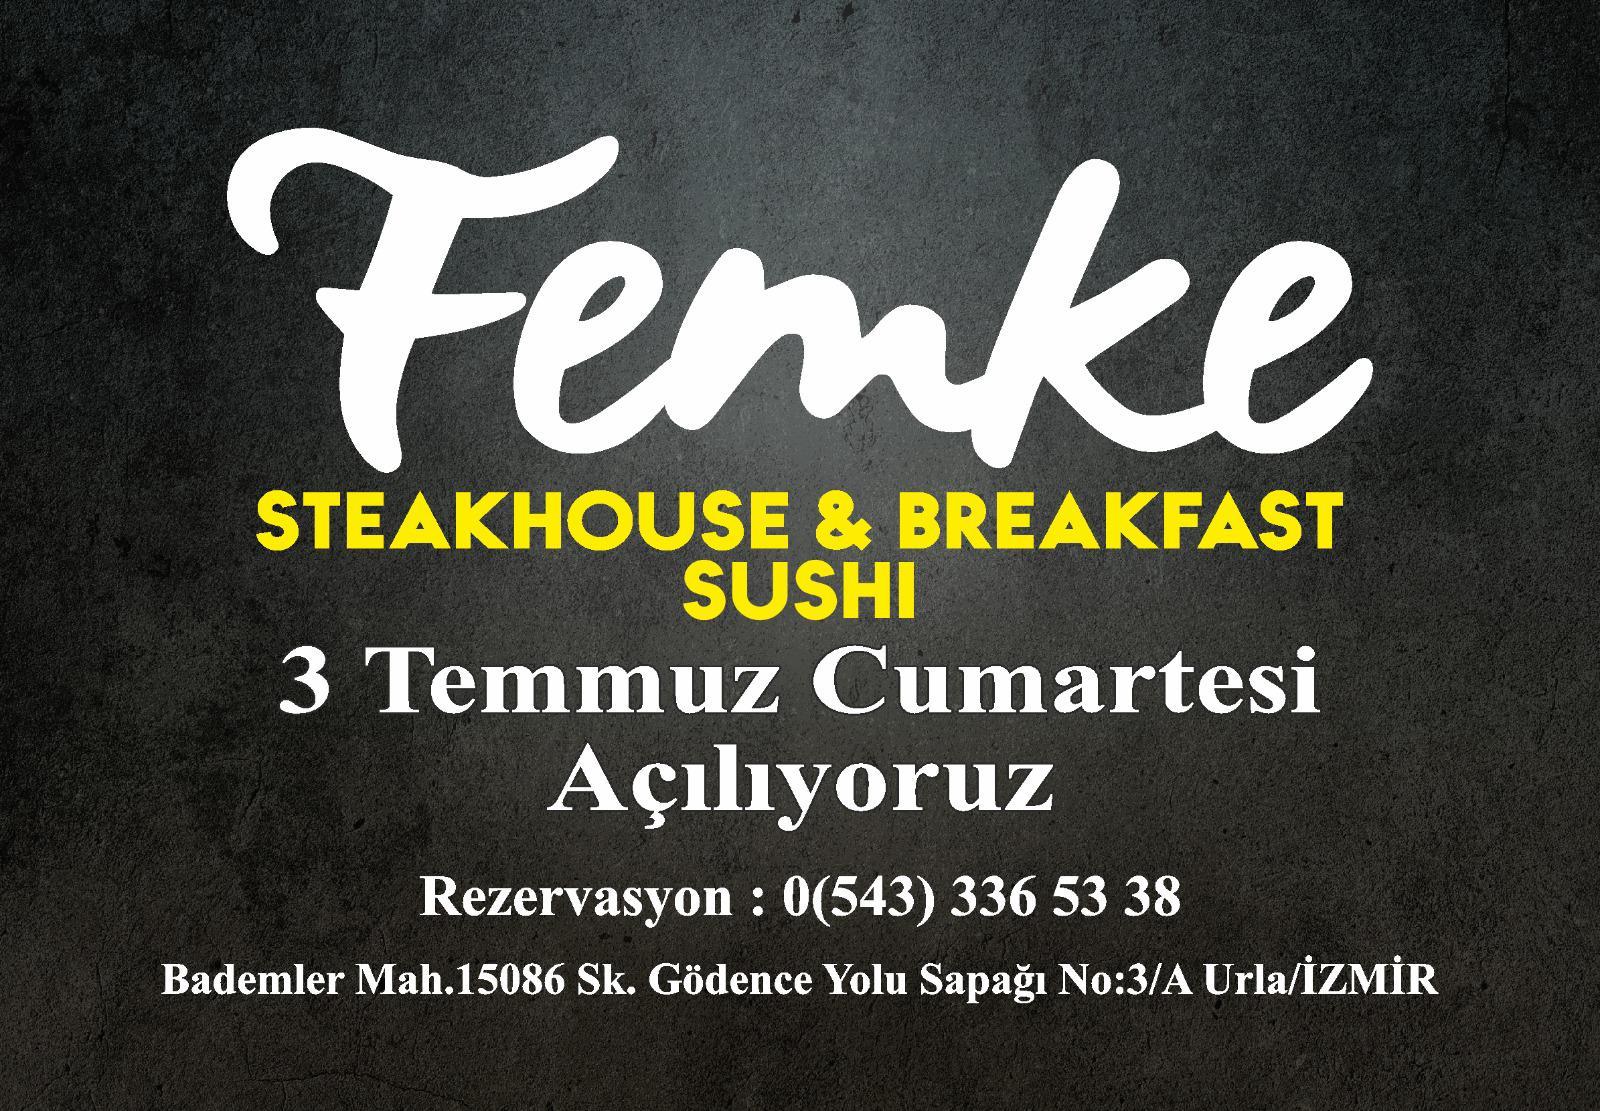 Femke Steakhouse-Breakfast  kapılarını Seferihisarlılara Aslı Zen'le açıyor